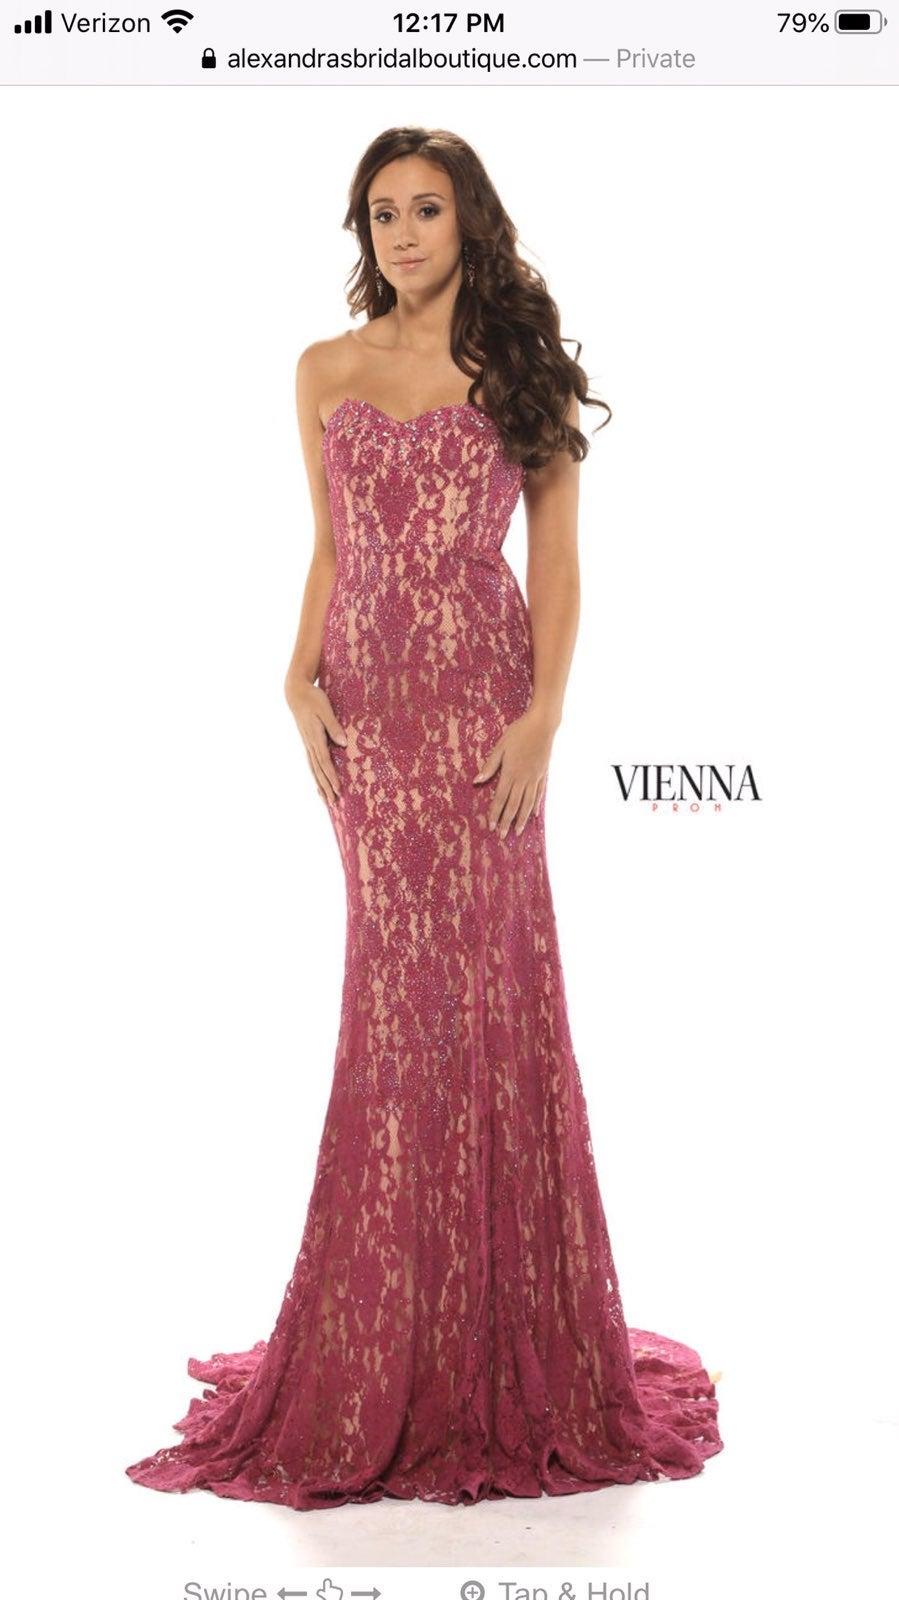 Vienna prom magenta size 0 dress gown